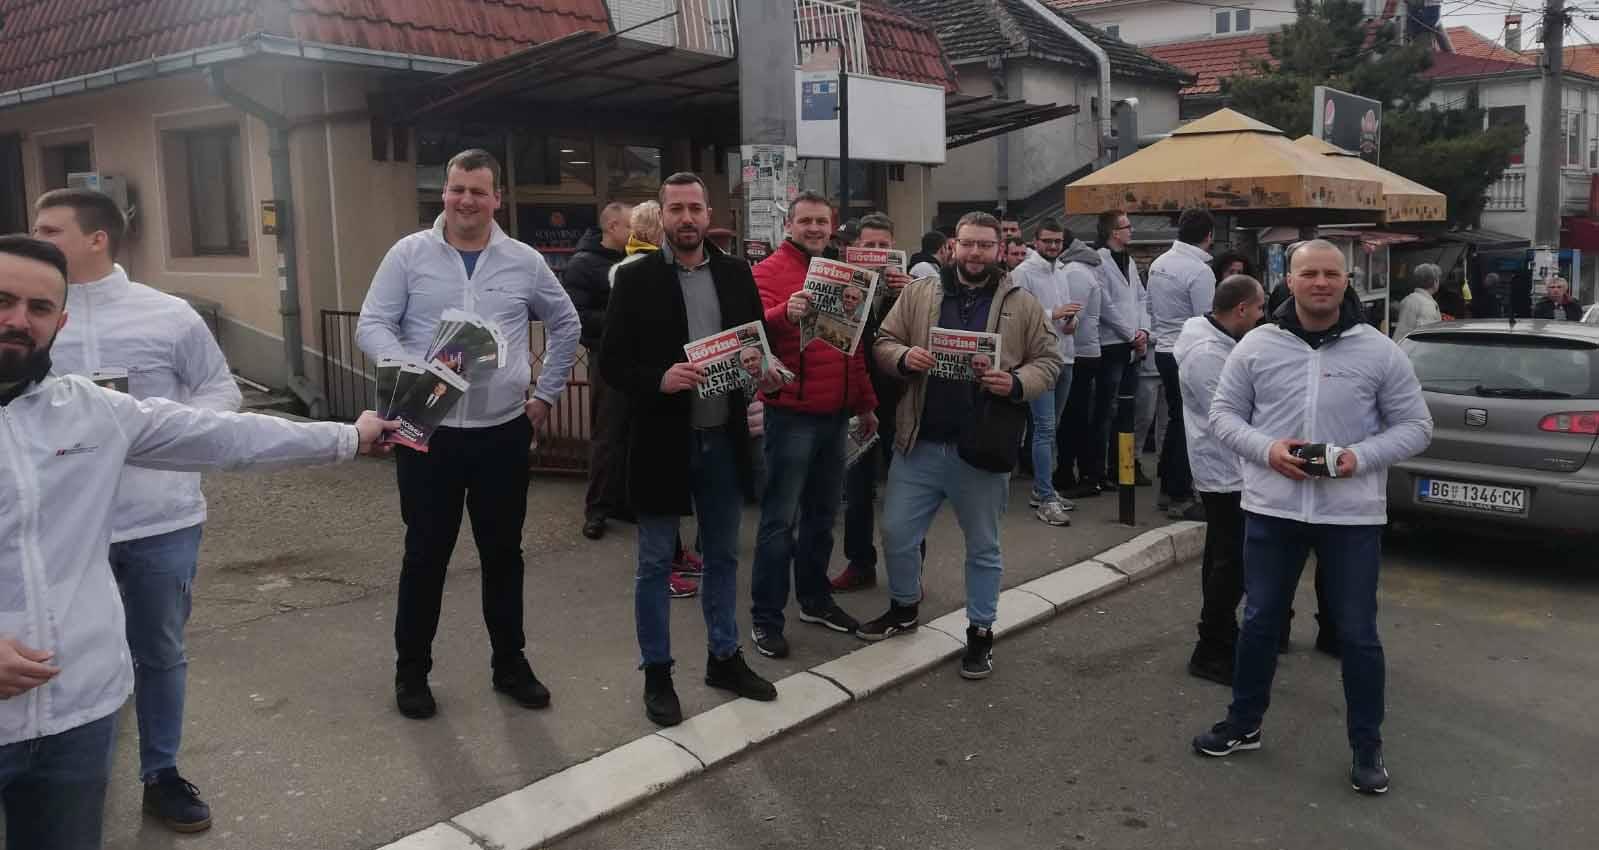 Народна странка Раковица: Руководство општине командовало нападом на наше активисте